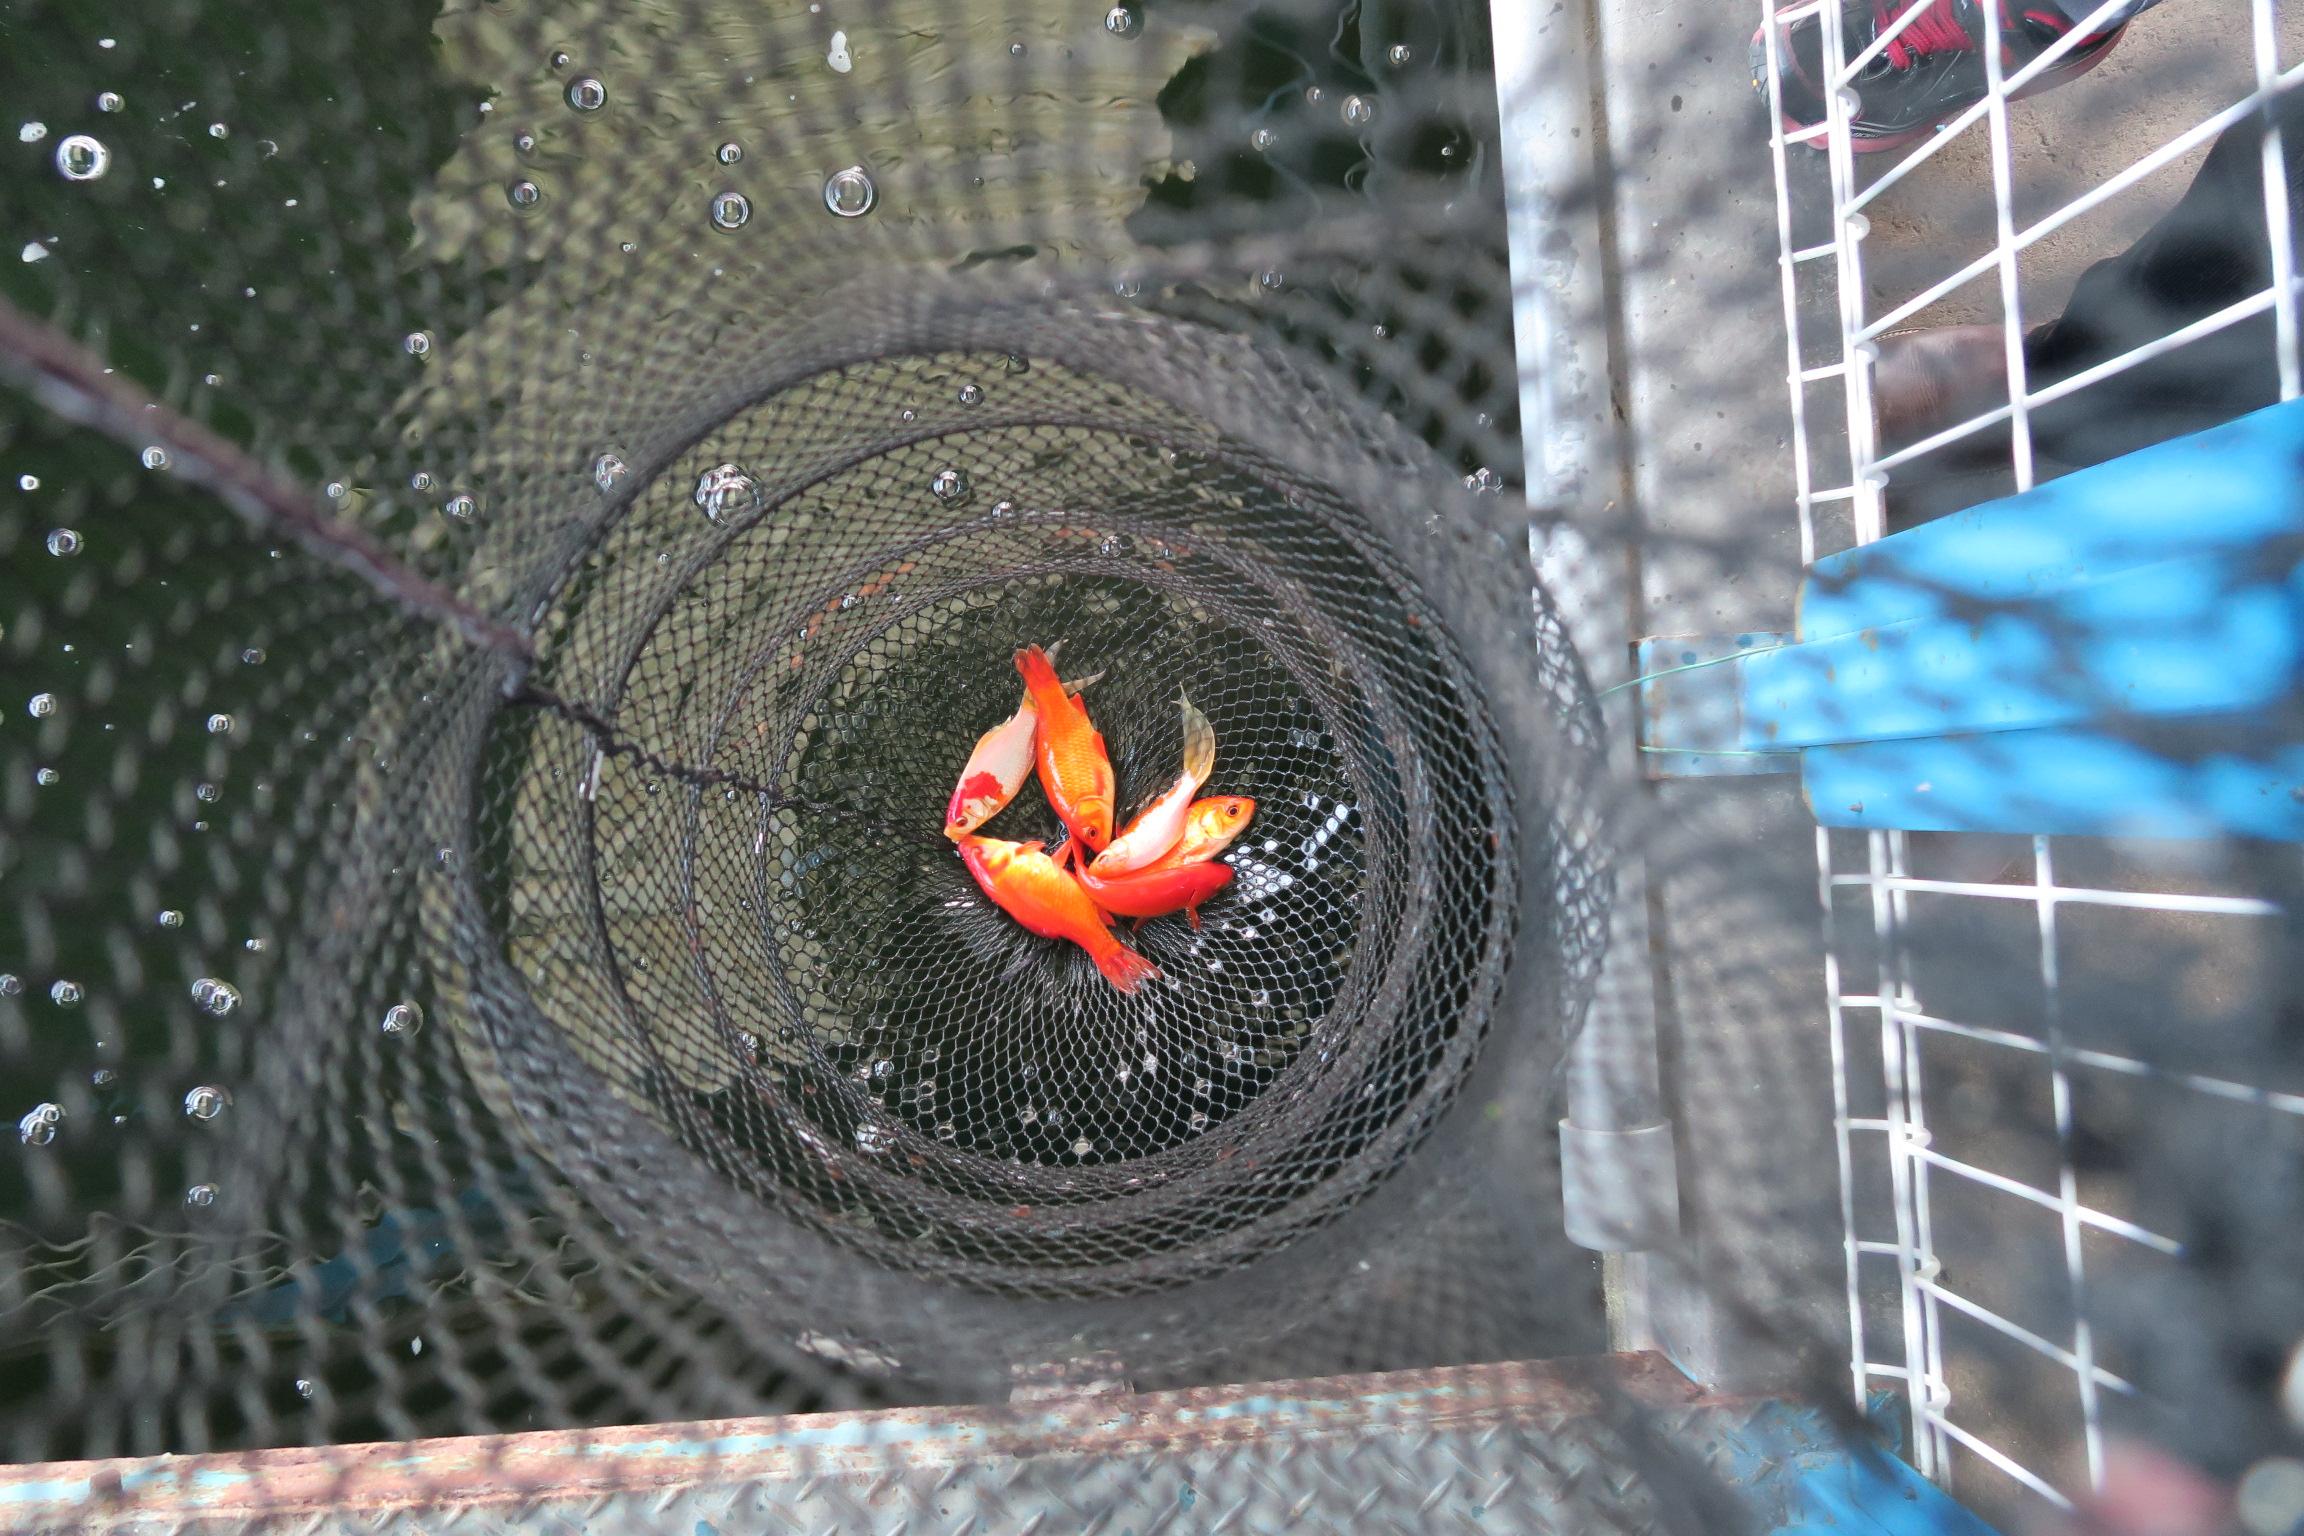 寒い季節は難しいと言われましたが、全部で6匹釣れました!次は鯛を釣りにいくぞー!!